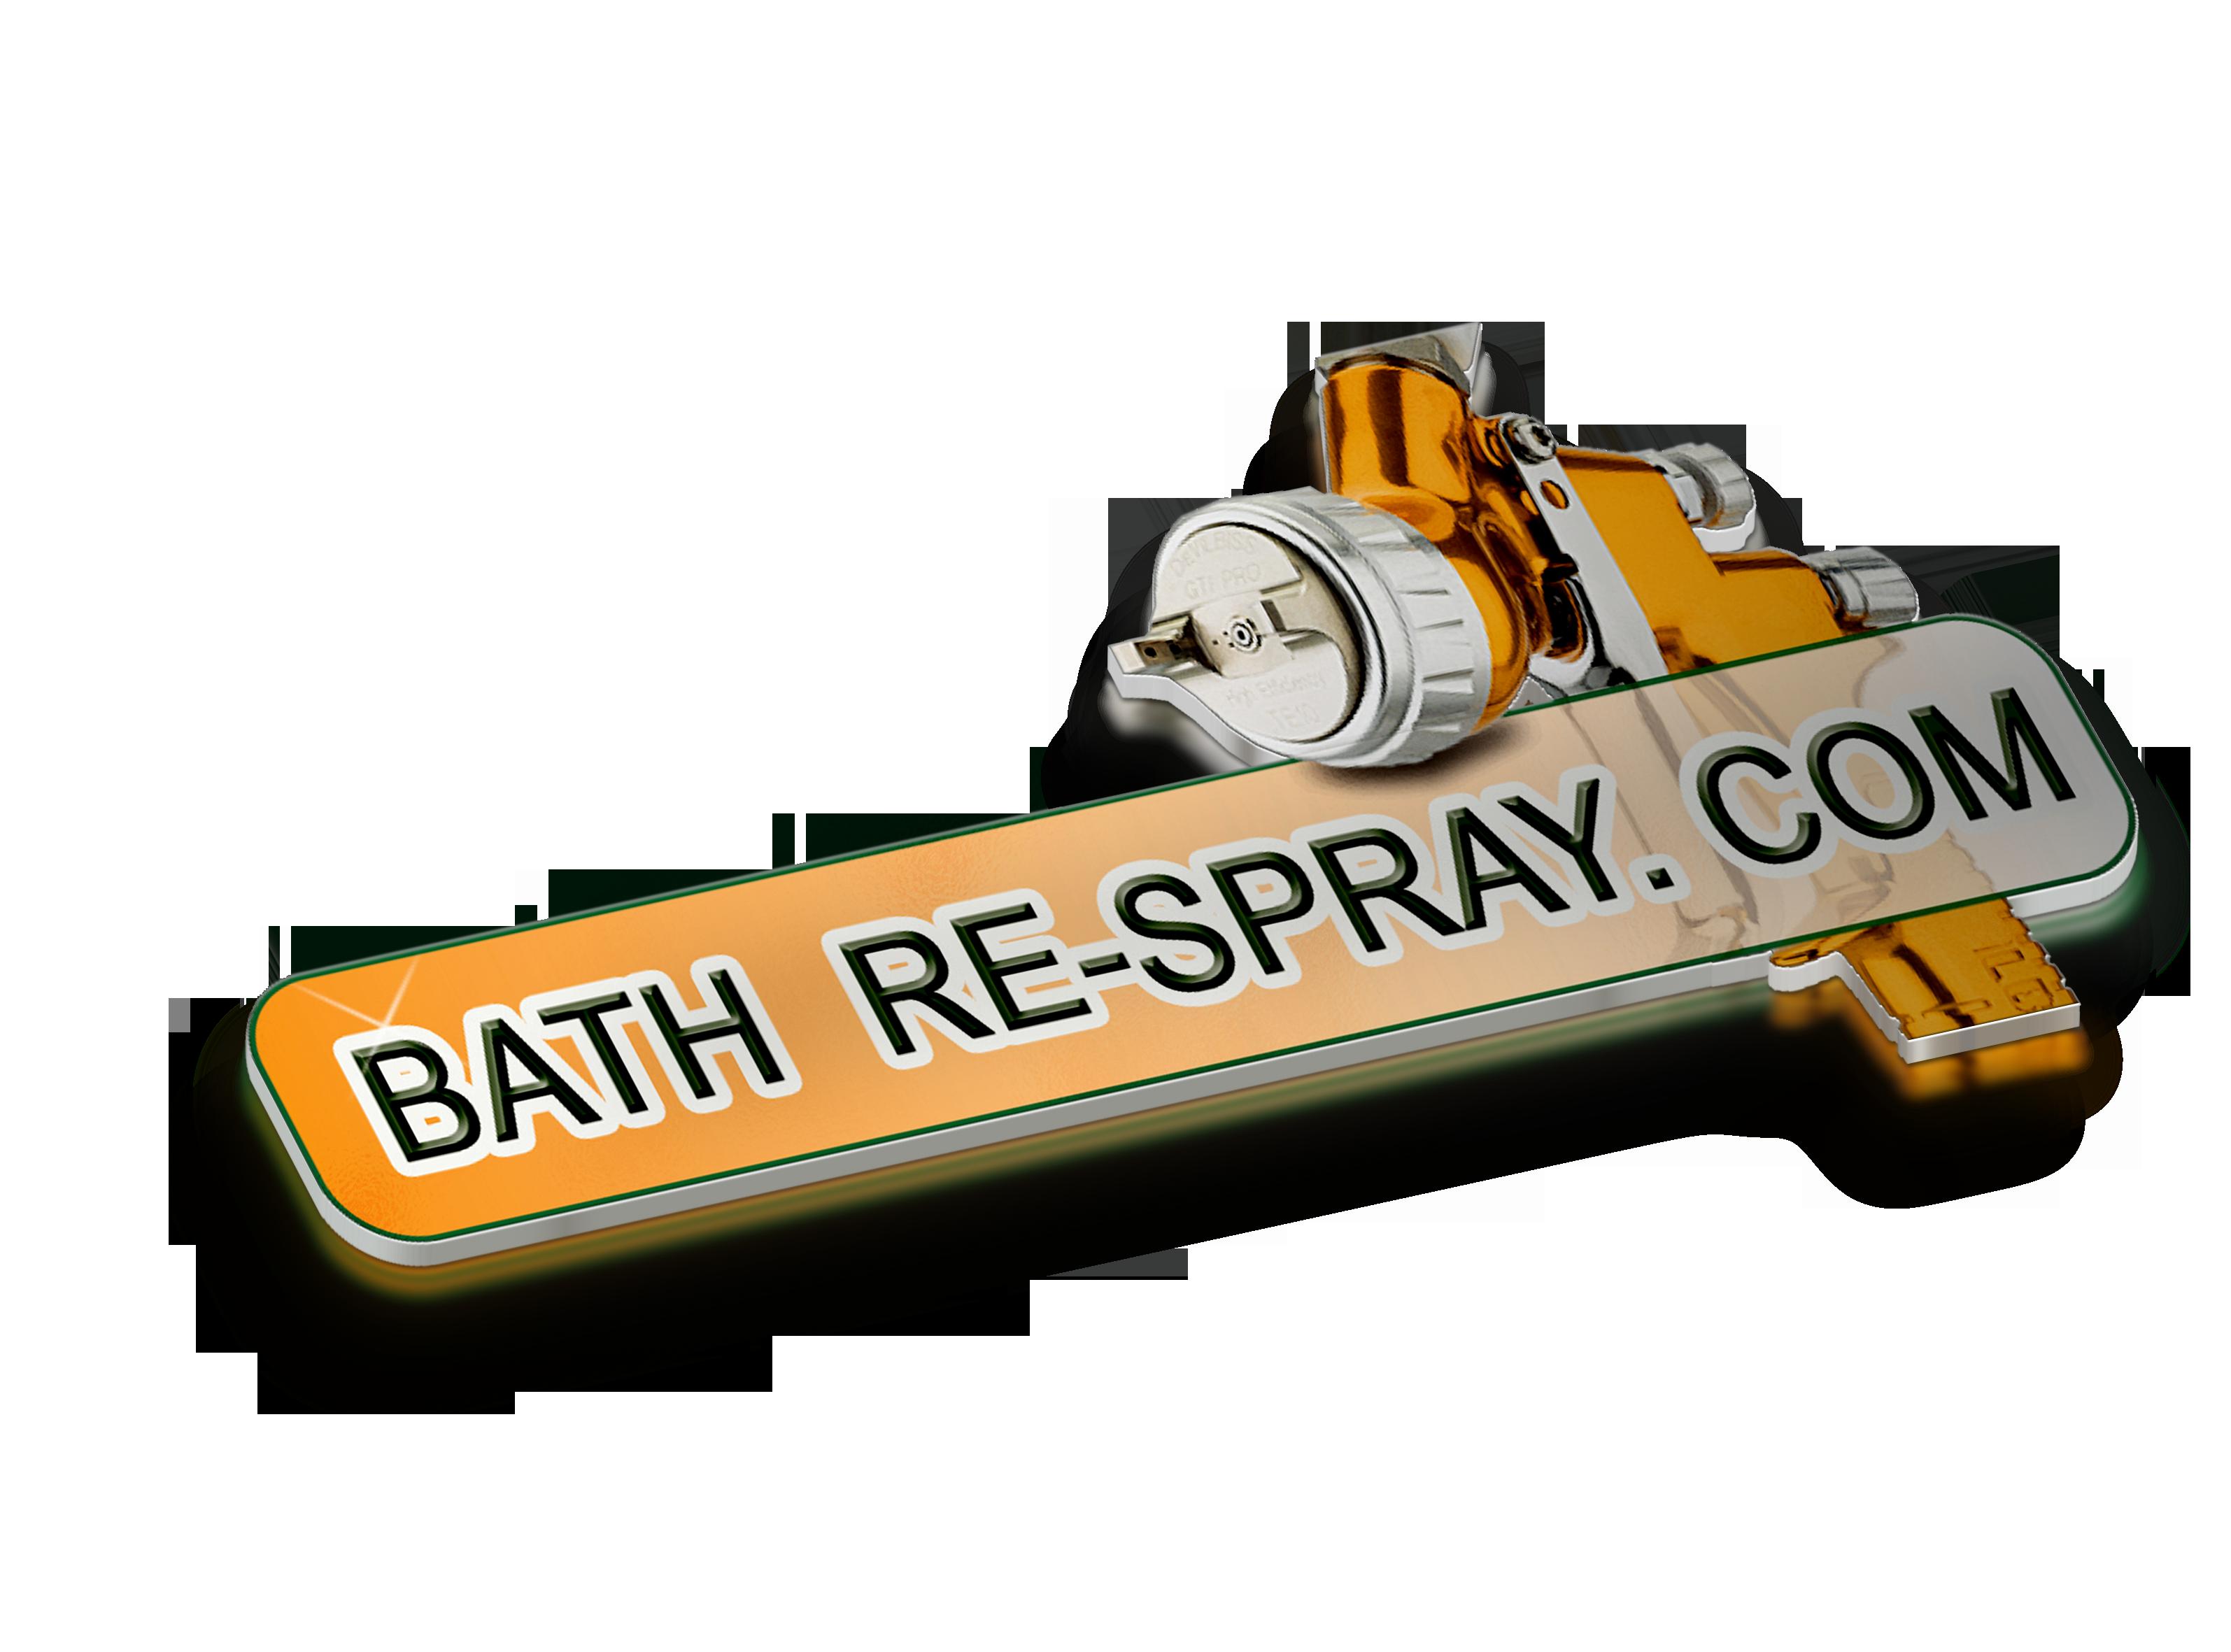 Bath Respray logo